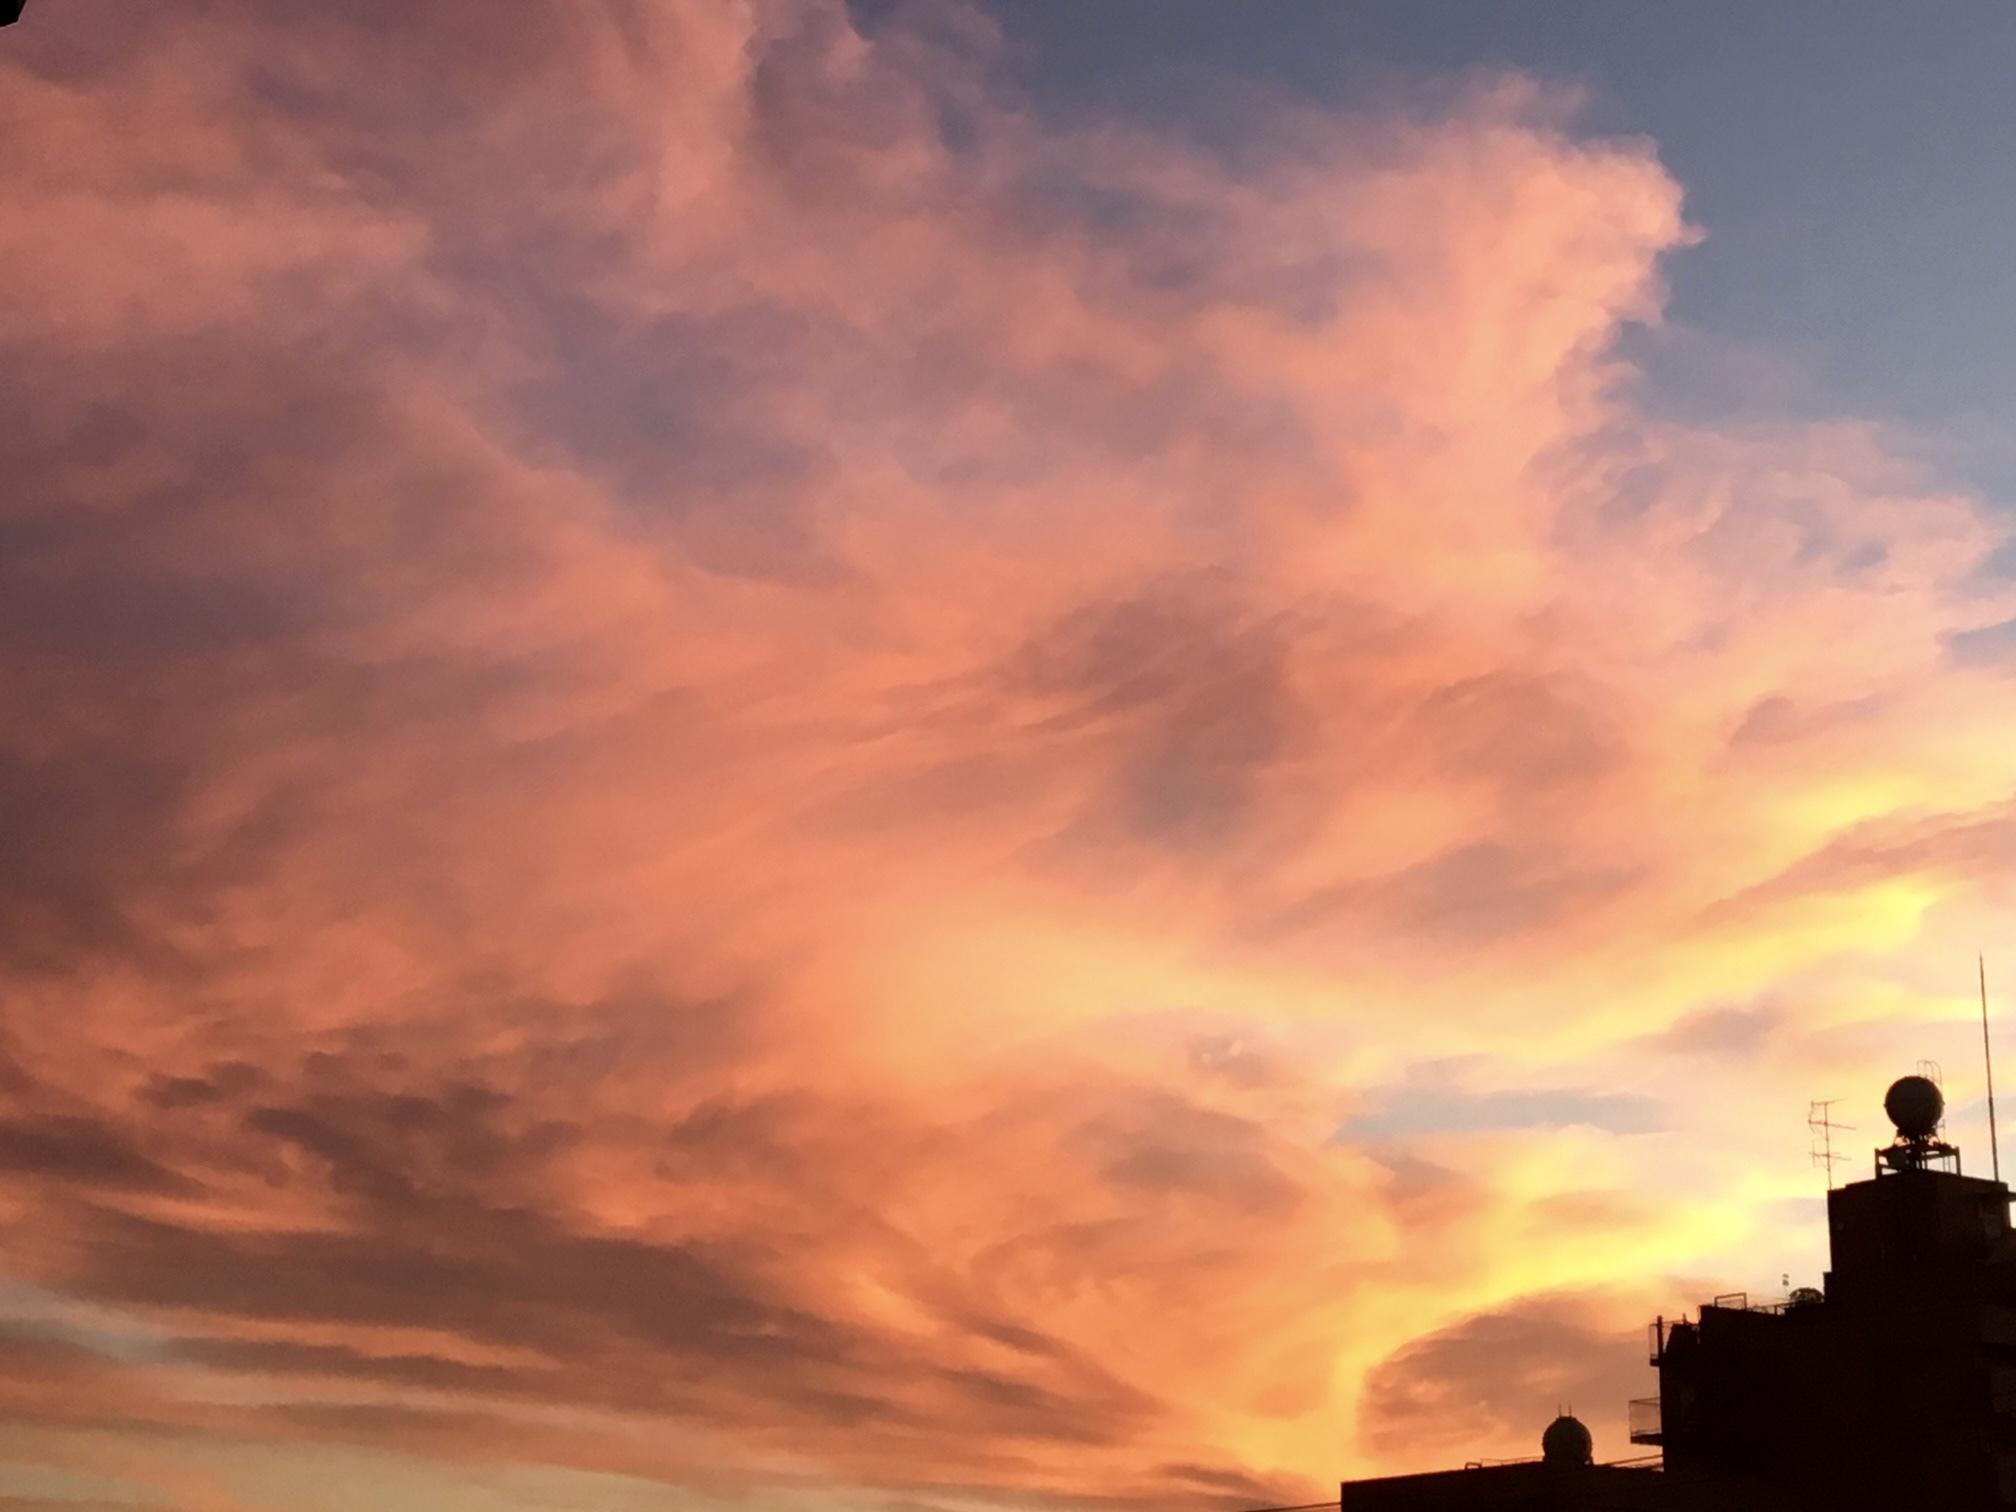 今朝の朝焼けは、特に色合いが綺麗でした!_c0128489_06031133.jpeg